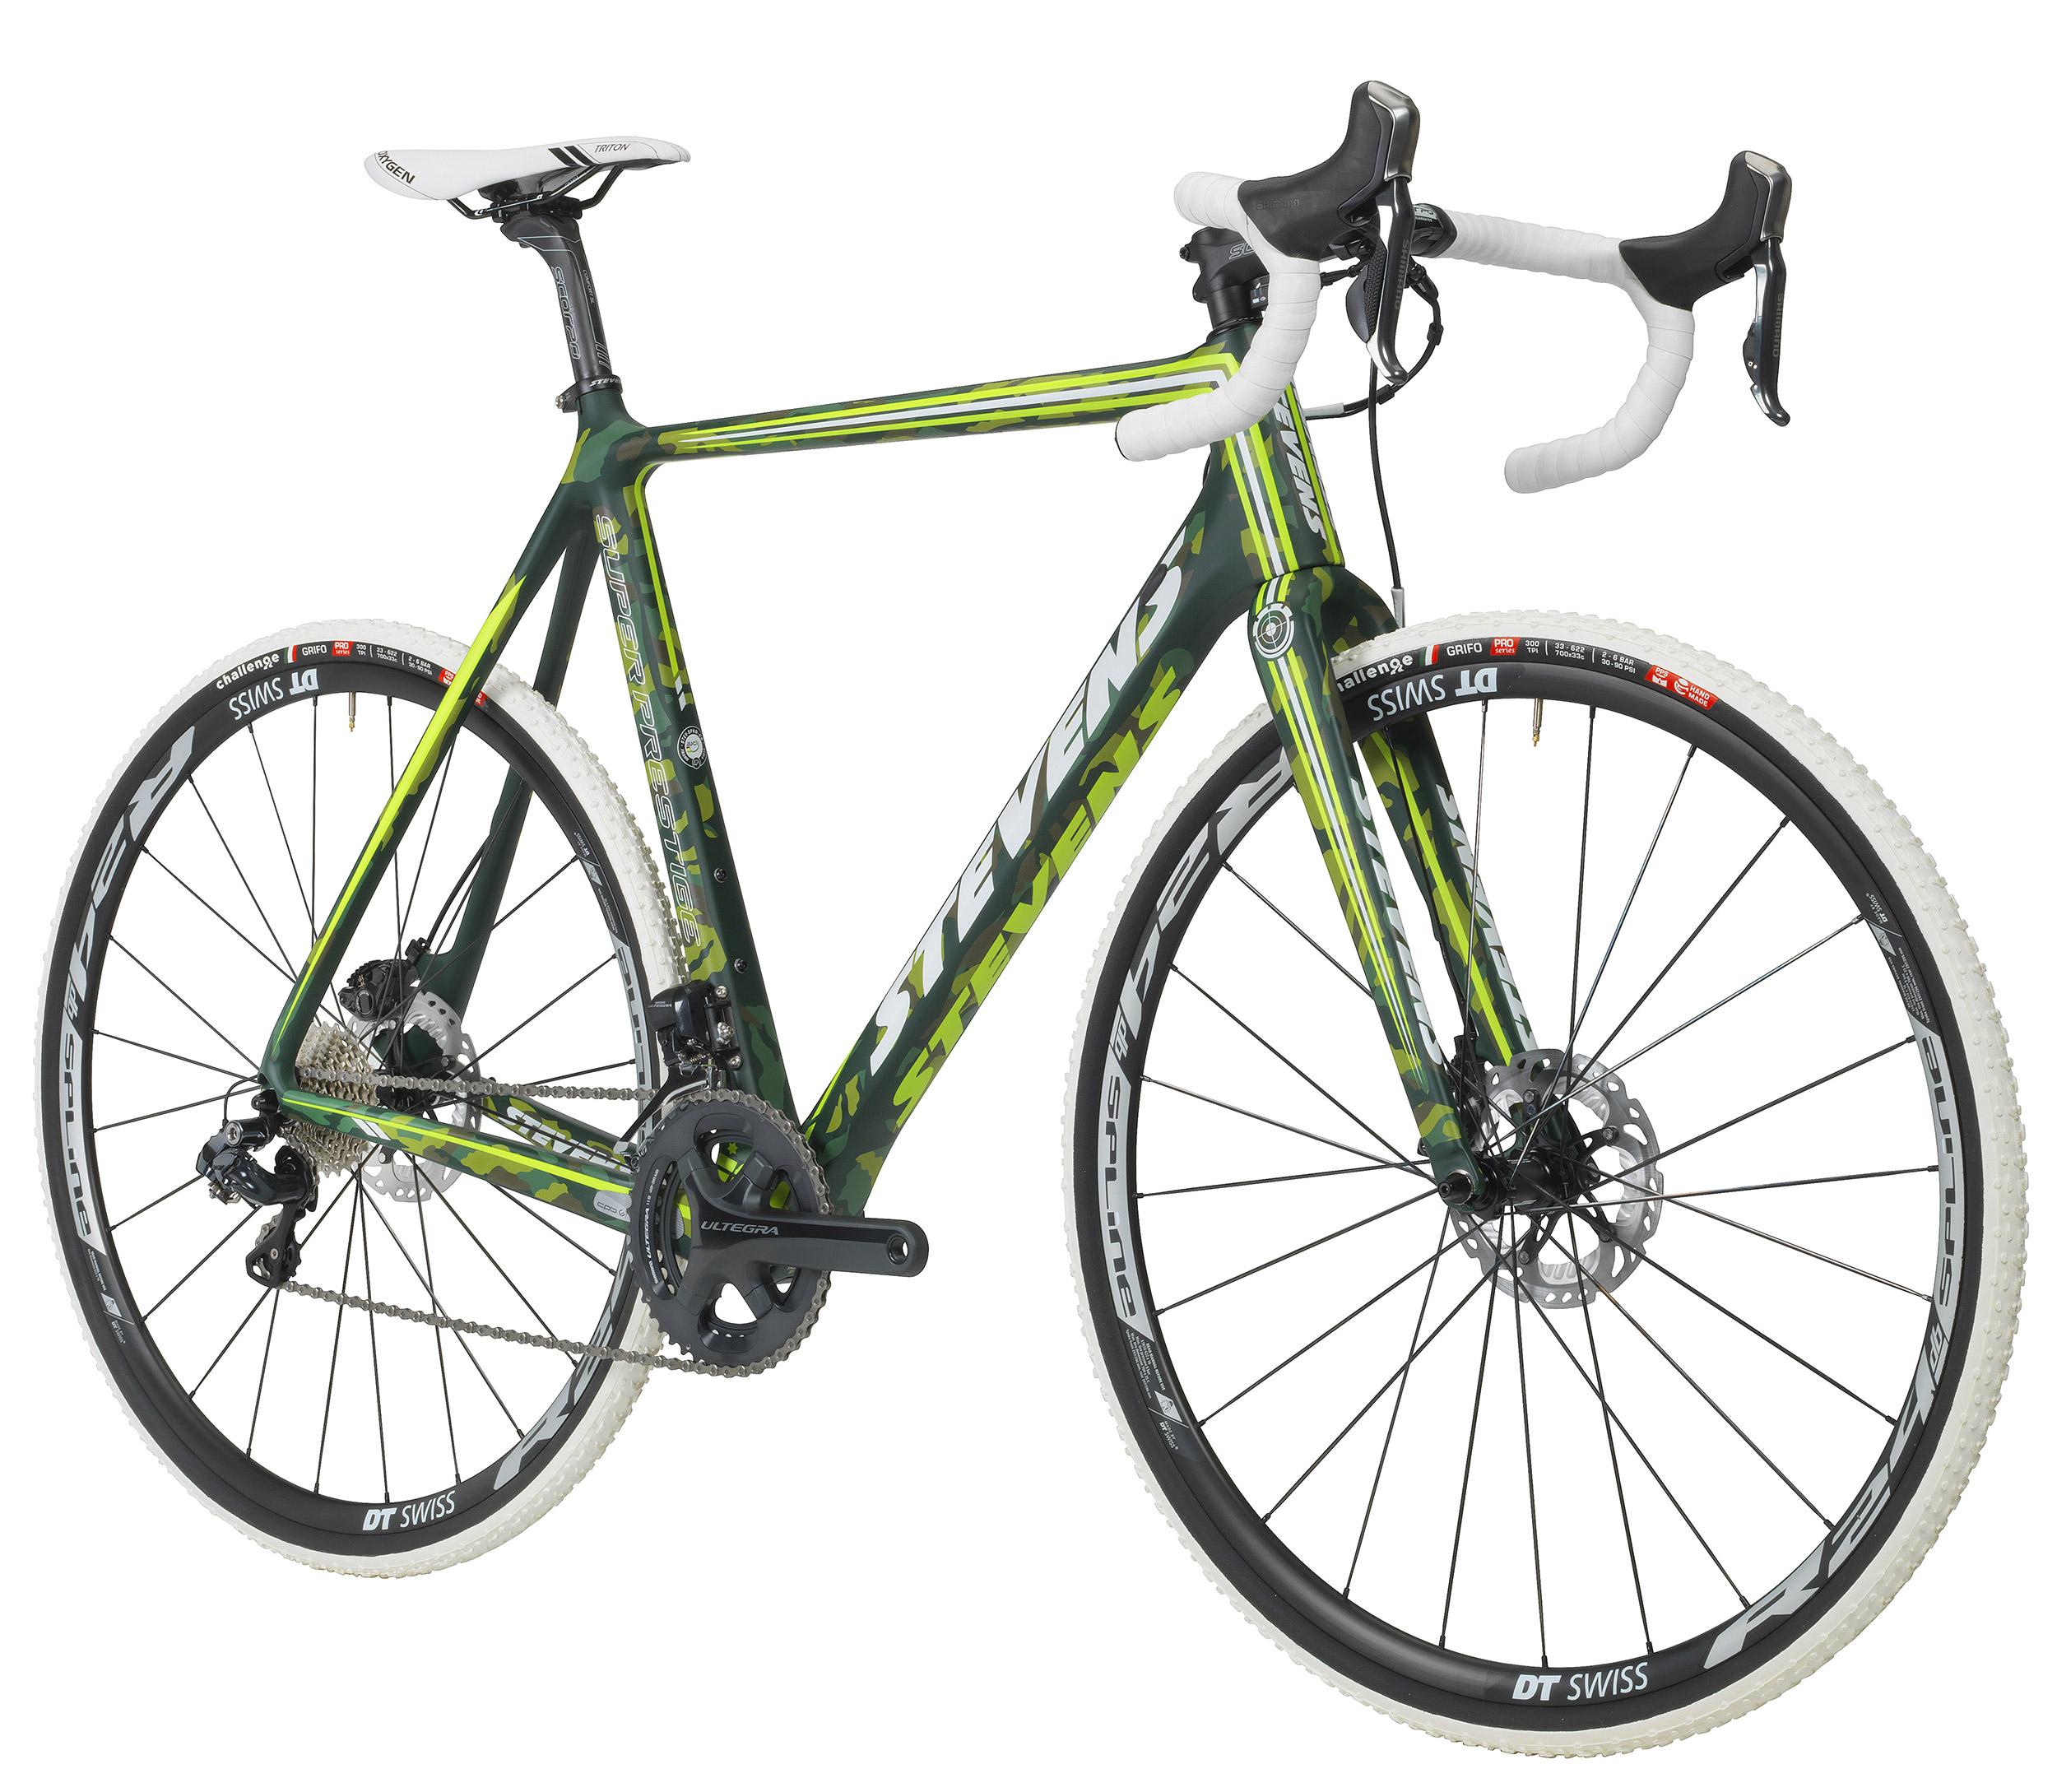 Stevens Top Cyclocross Bike in Camo